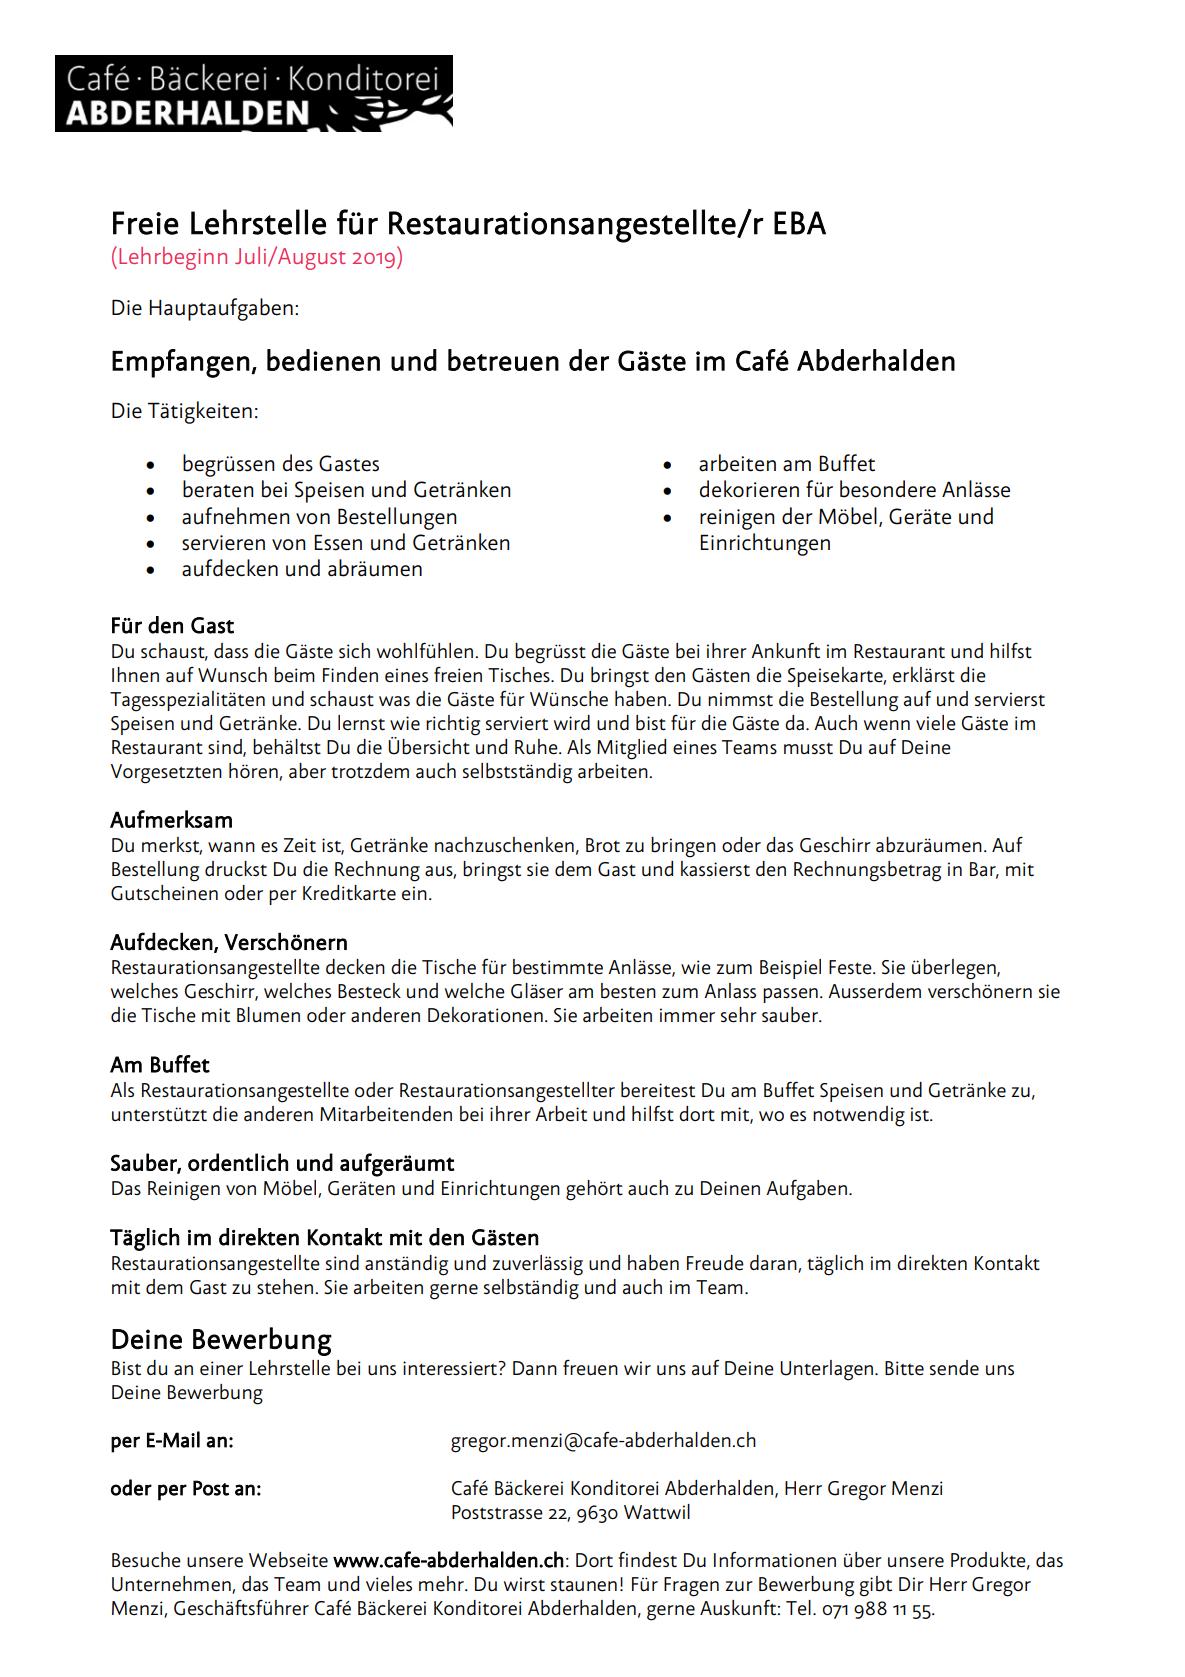 Cafe Abderhalden Stellenanzeige Lehre Restauration